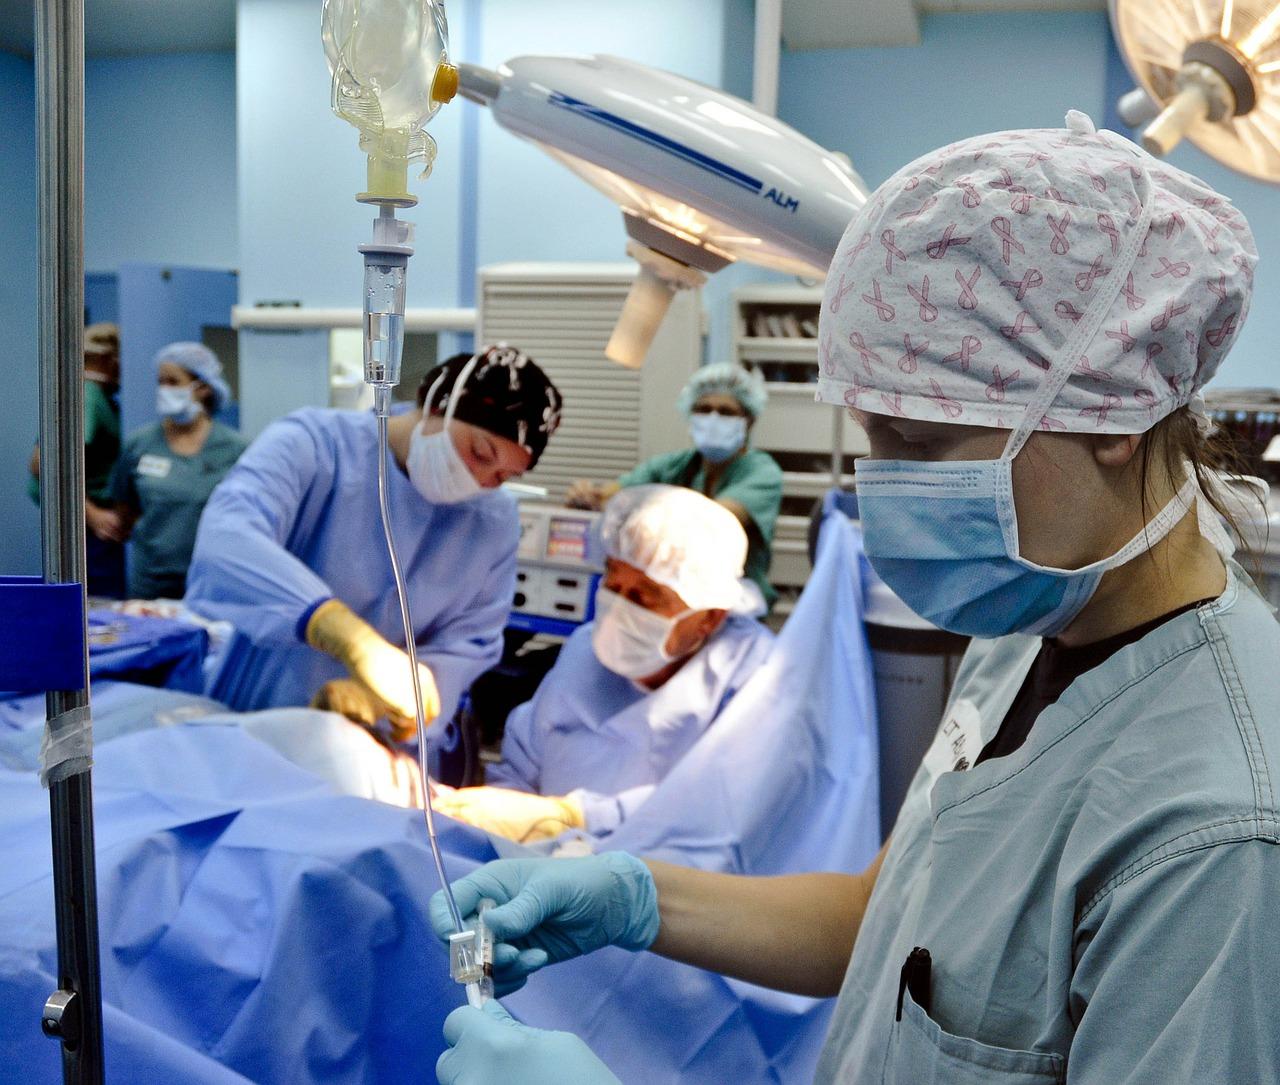 Cursos técnicos na área de saúde